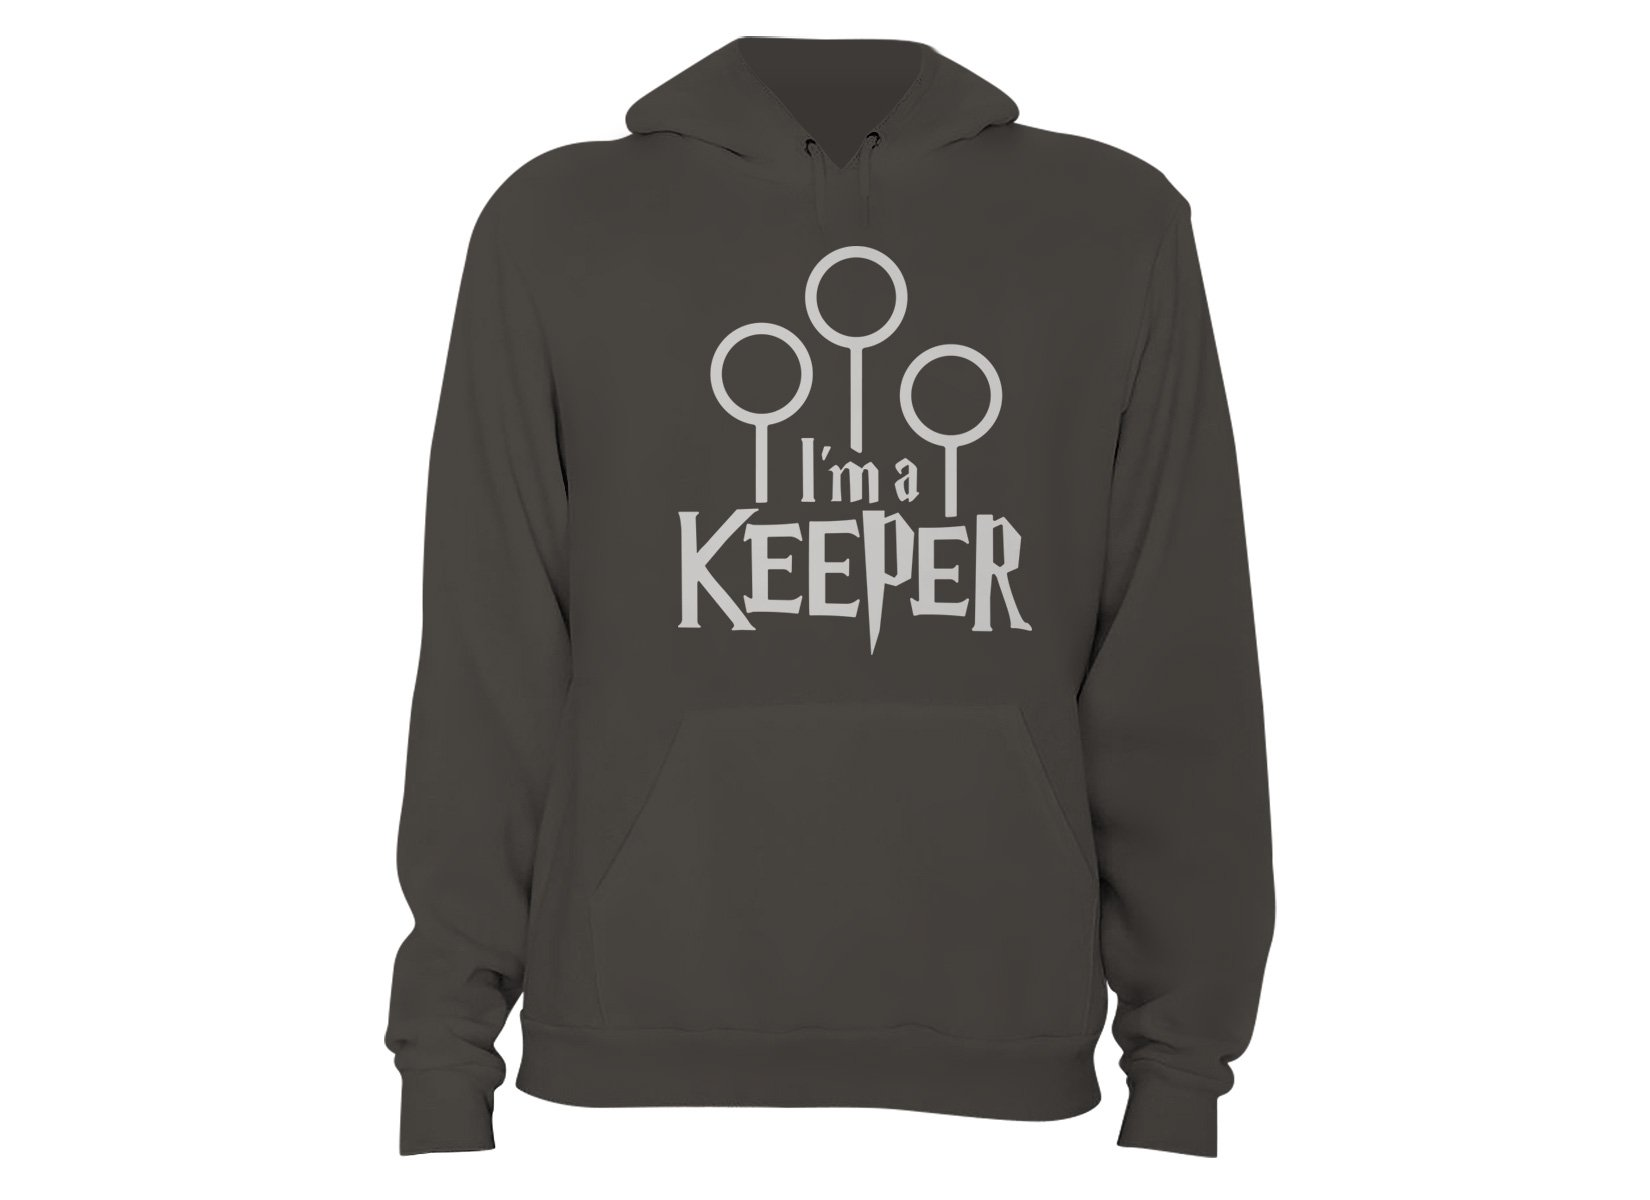 I'm A Keeper on Hoodie